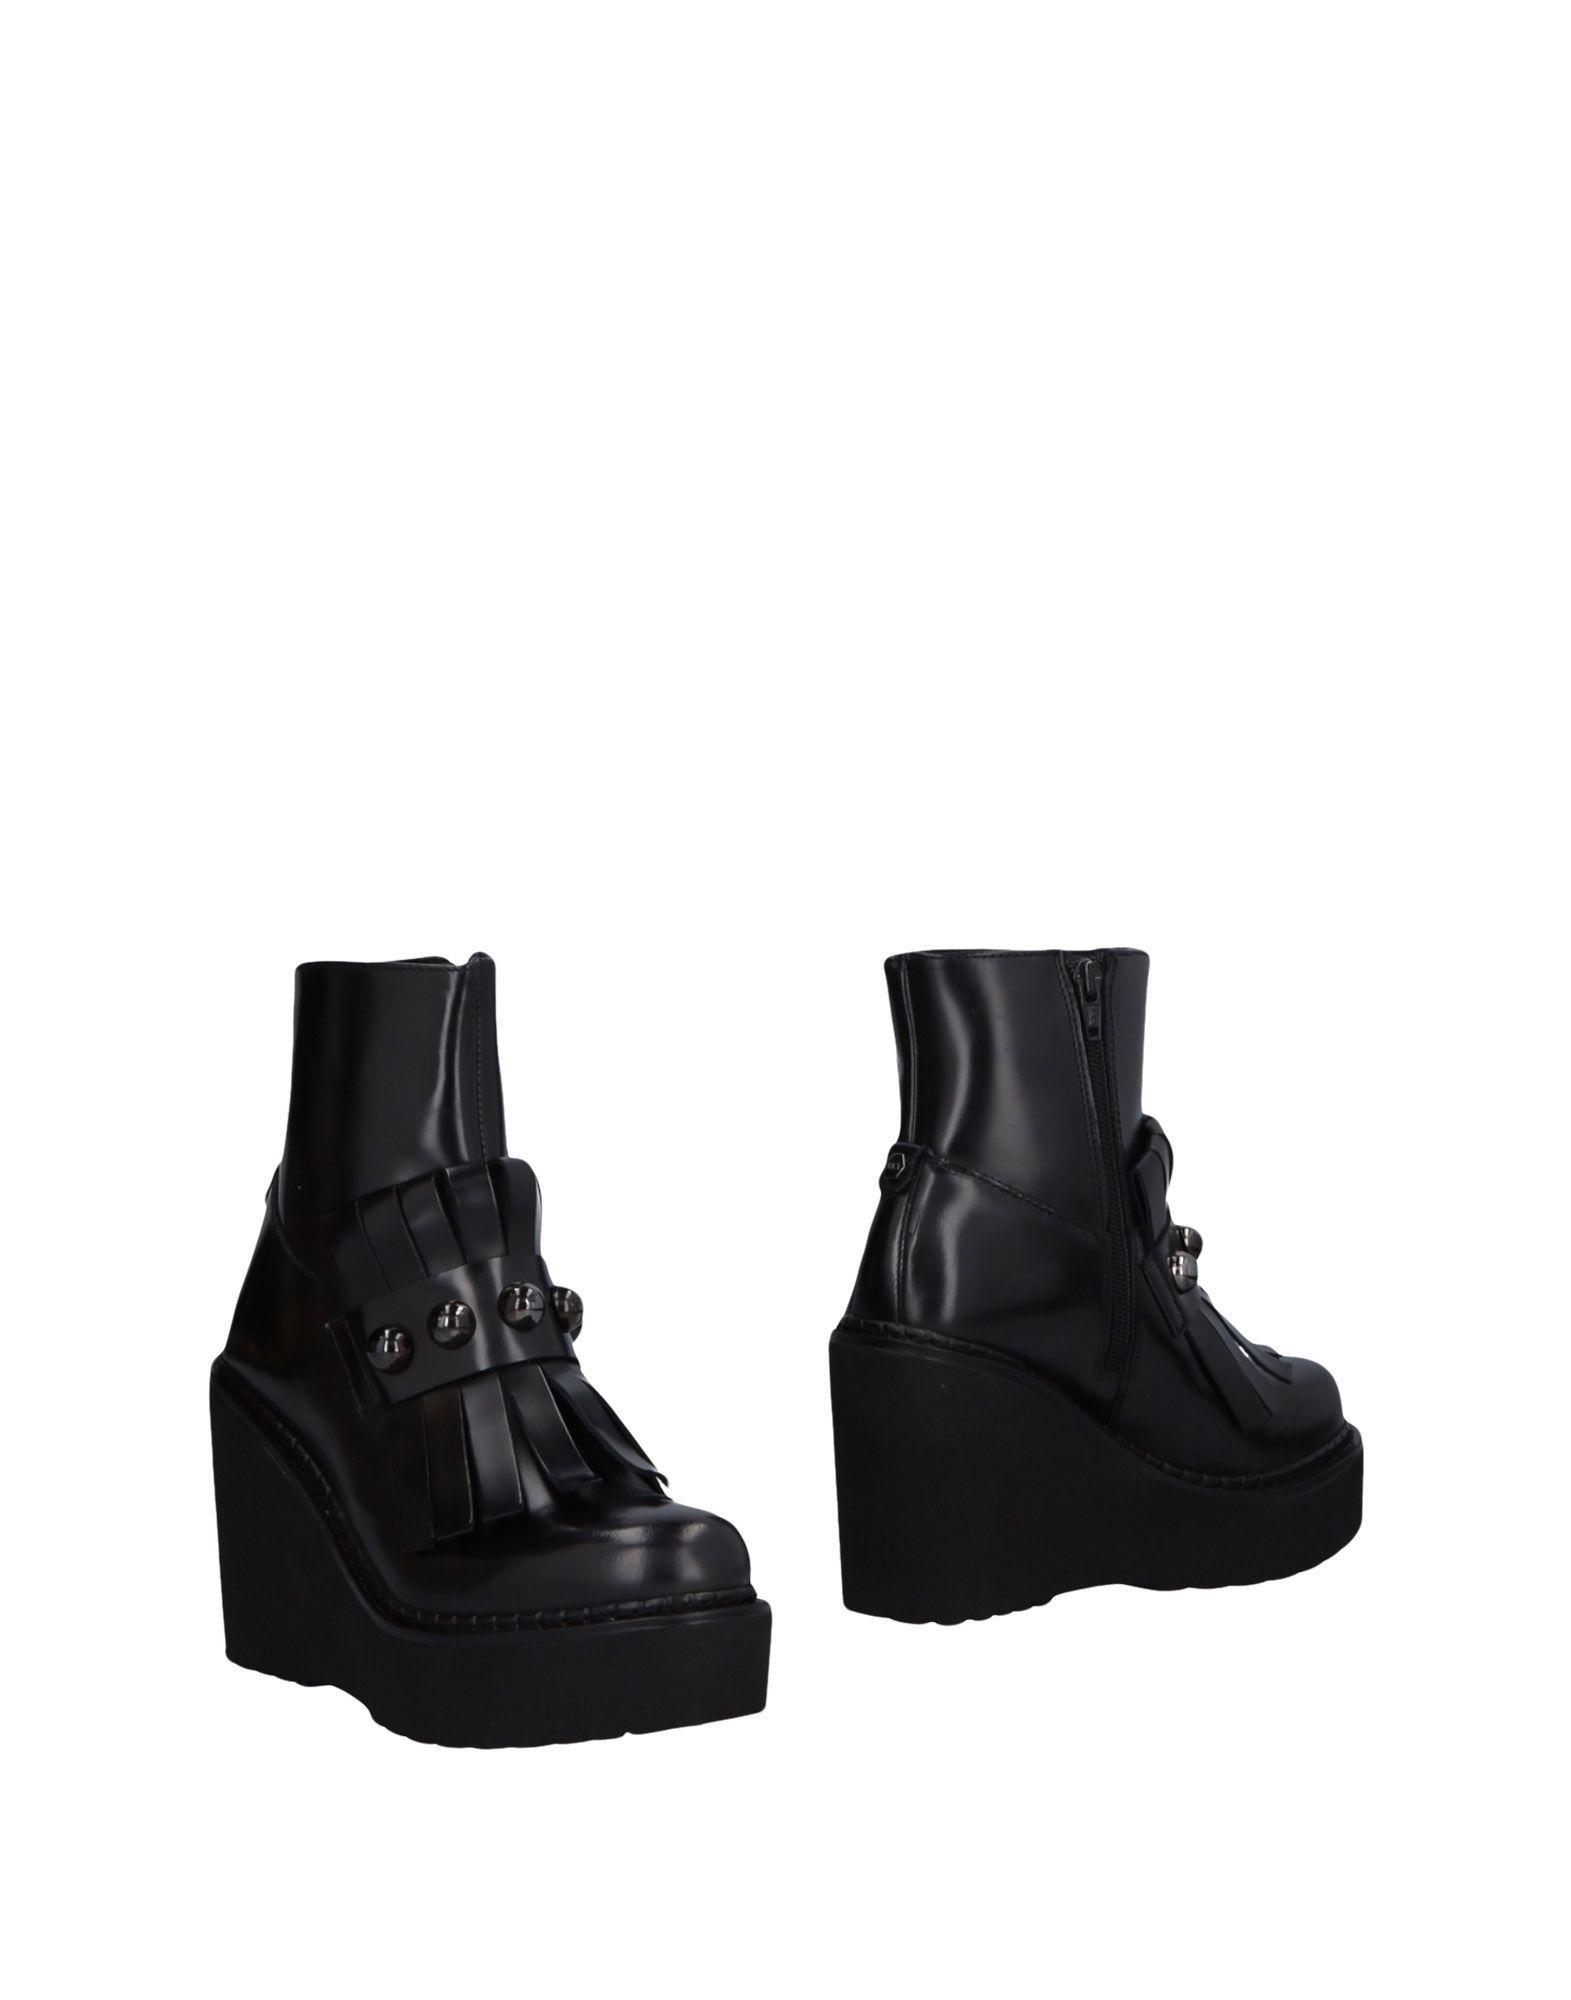 Footwear Cult Black Women's Leather